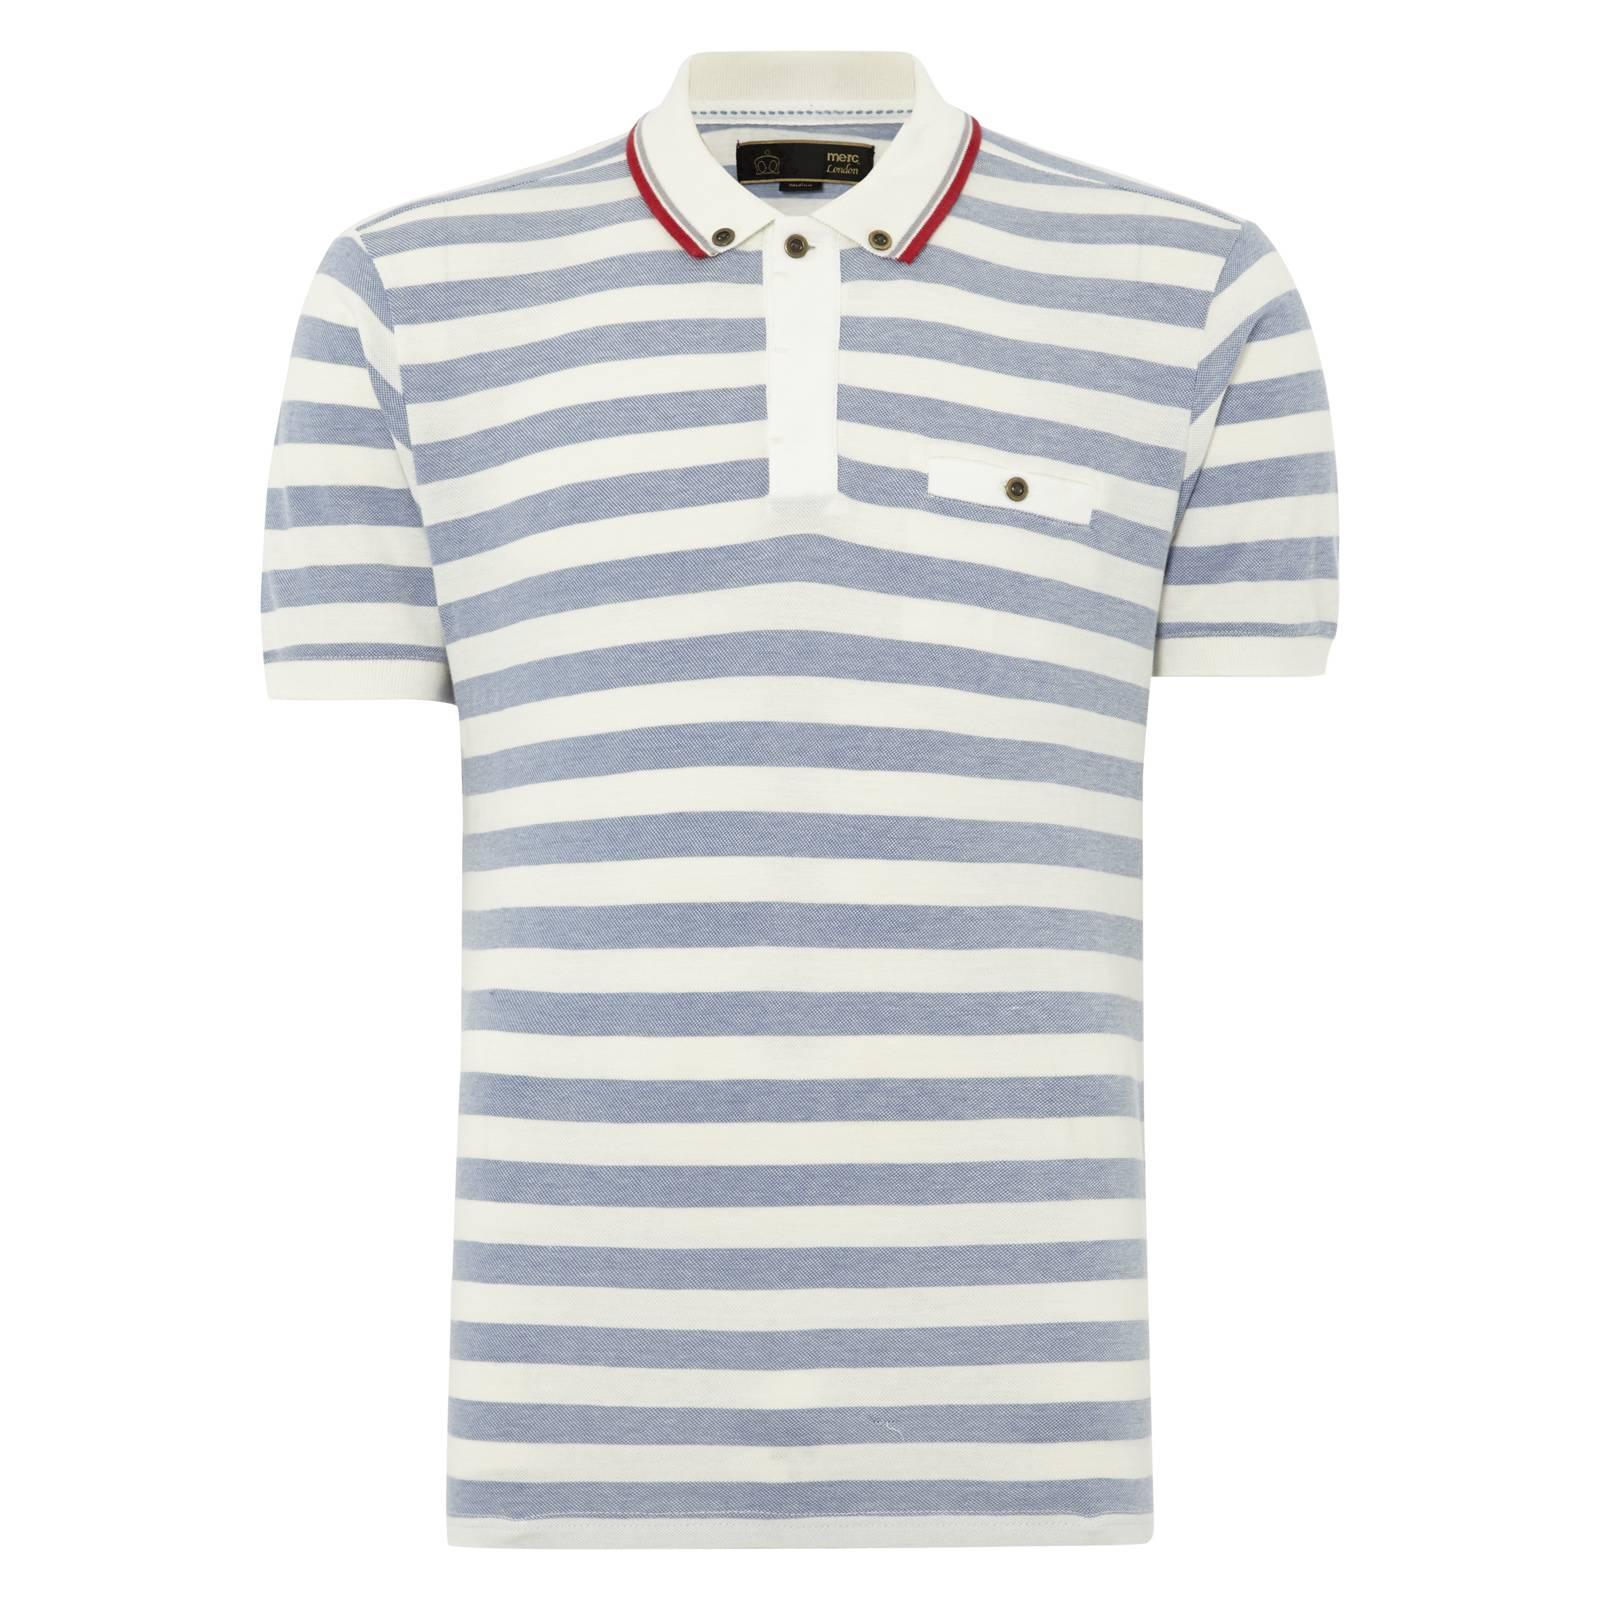 Рубашка Поло GuilioПоло<br>Кэжуальная рубашка-поло из хлопка-пике с воротником на пуговицах «button-down» и небольшим нагрудным карманом. Обрамление рукавов выполнено облегающей трикотажной резинкой. В сине-белом варианте отсылает к всегда актуальной морской тематике и стилю яхтинг. Желтые тона прекрасно созвучны летнему настроению.<br><br>Артикул: 1914108<br>Материал: 100% хлопок<br>Цвет: белый в голубую полоску<br>Пол: Мужской